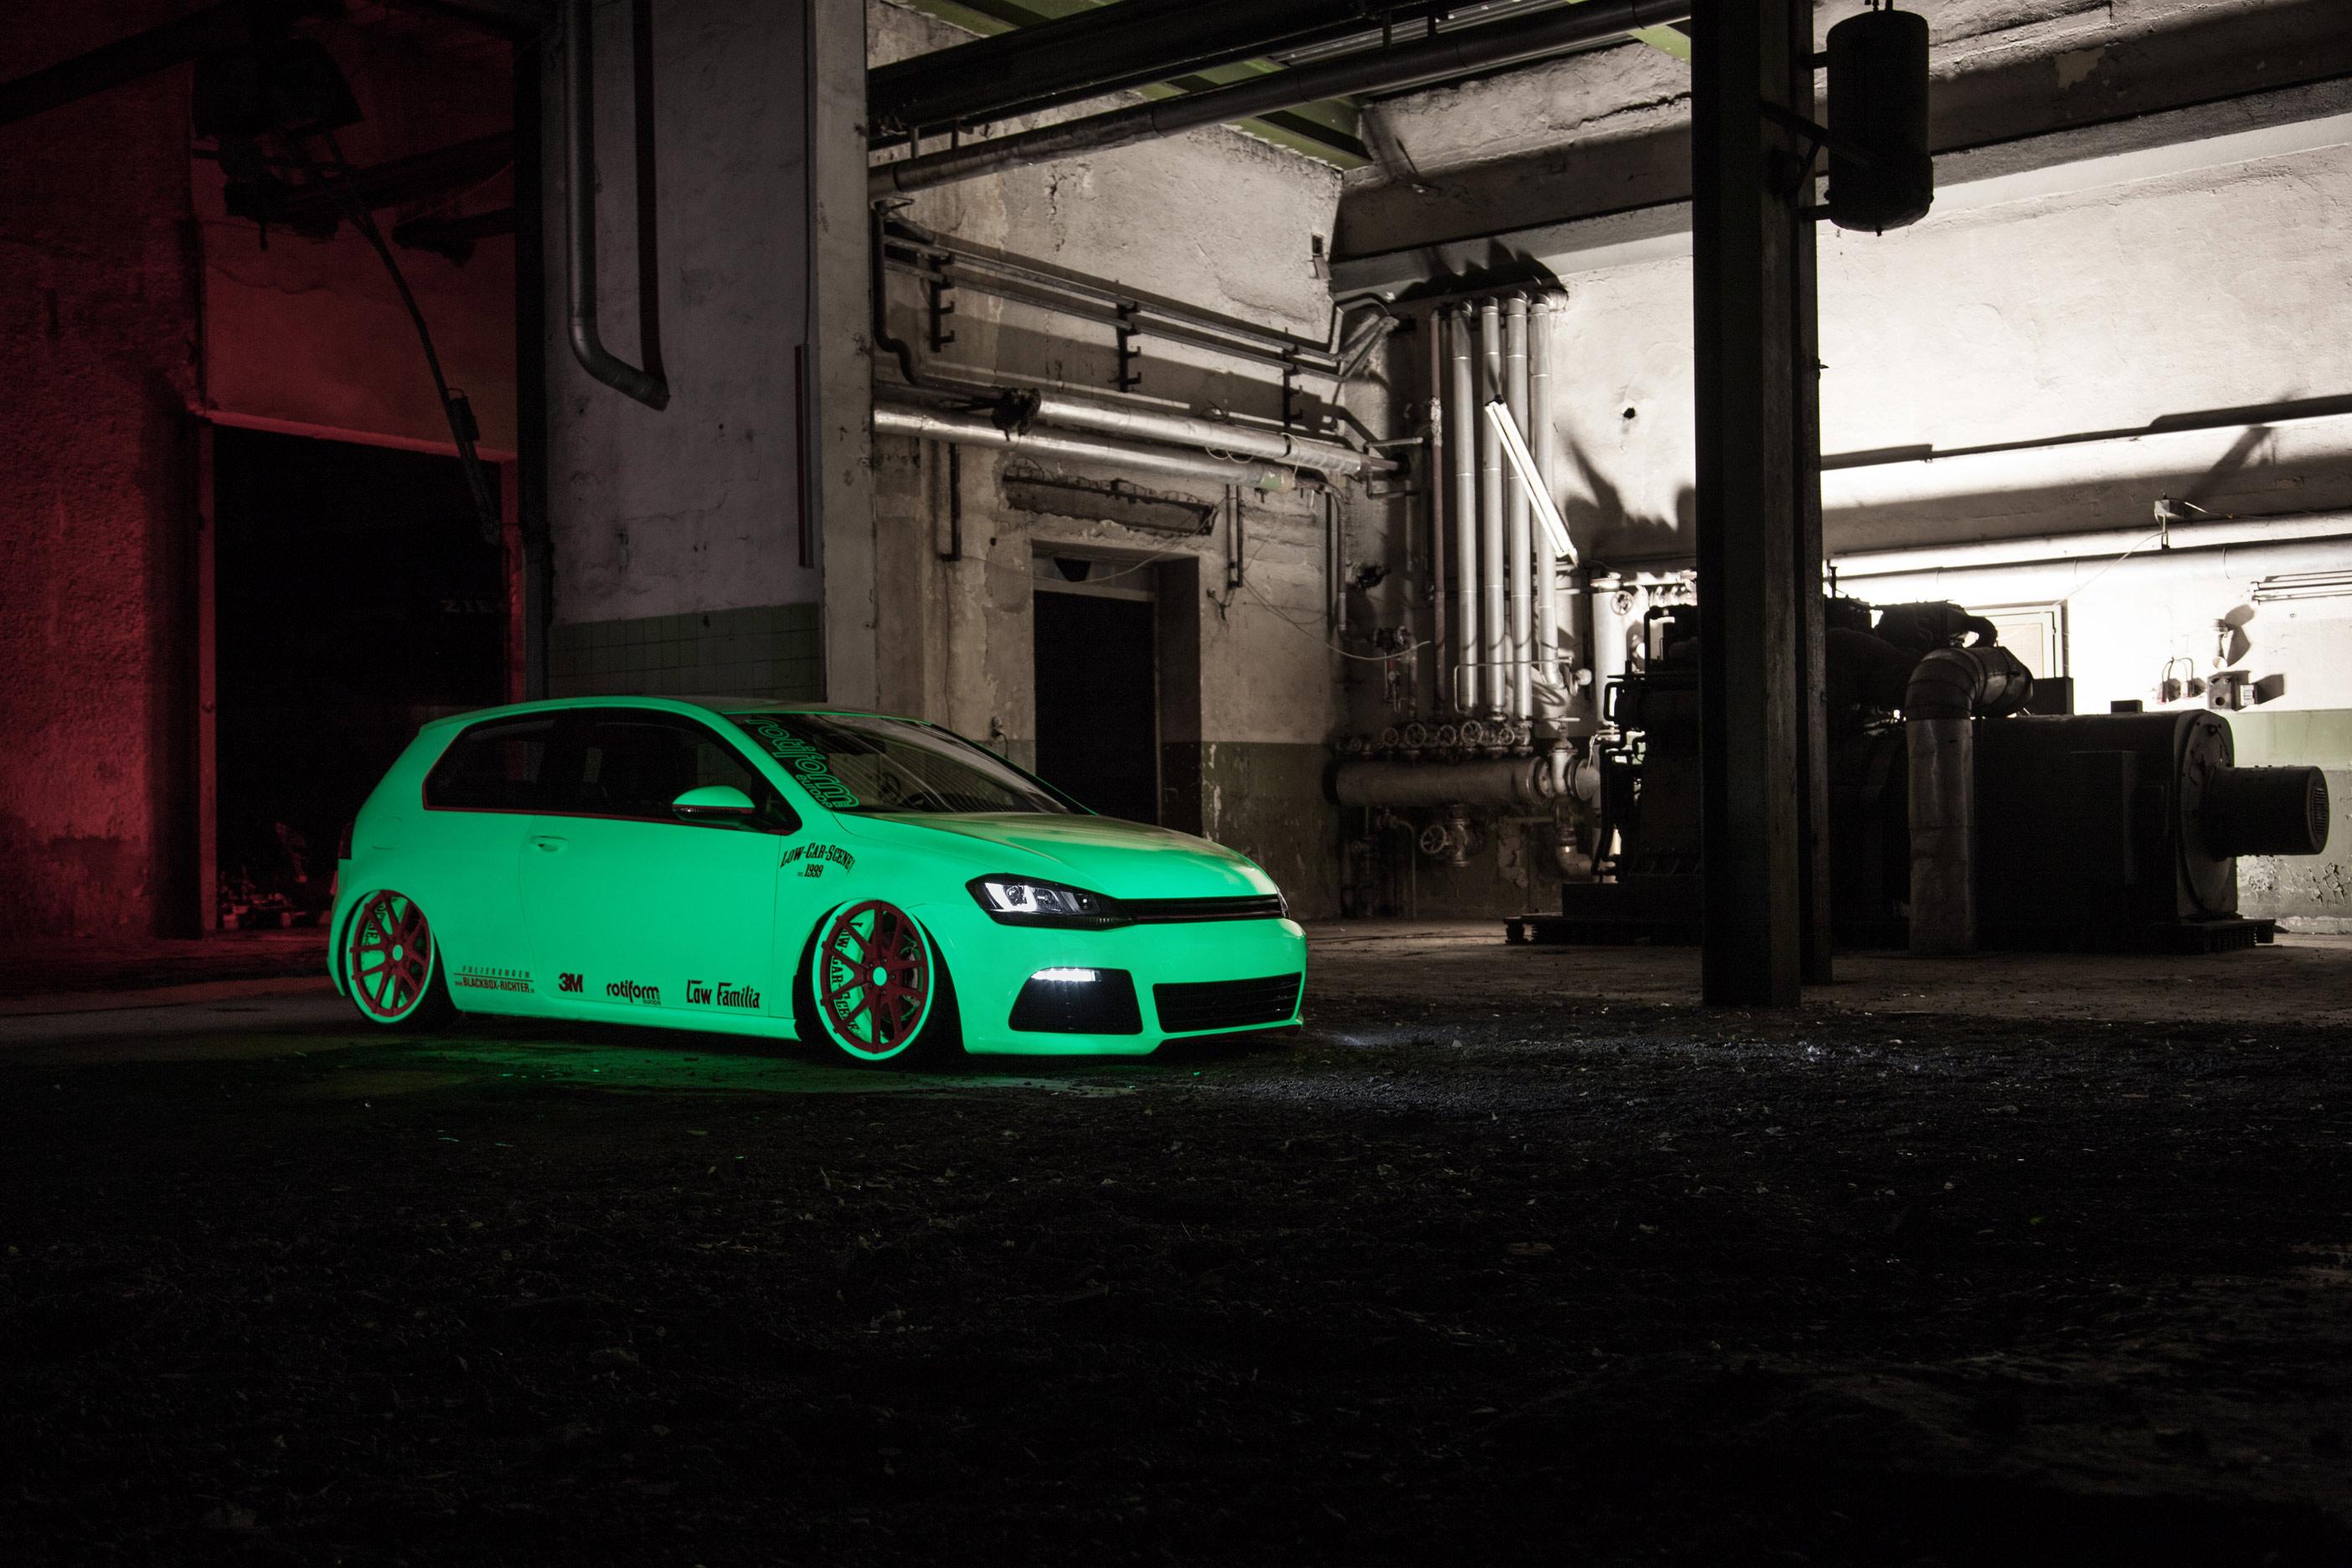 Golf7_Light-Tron-16